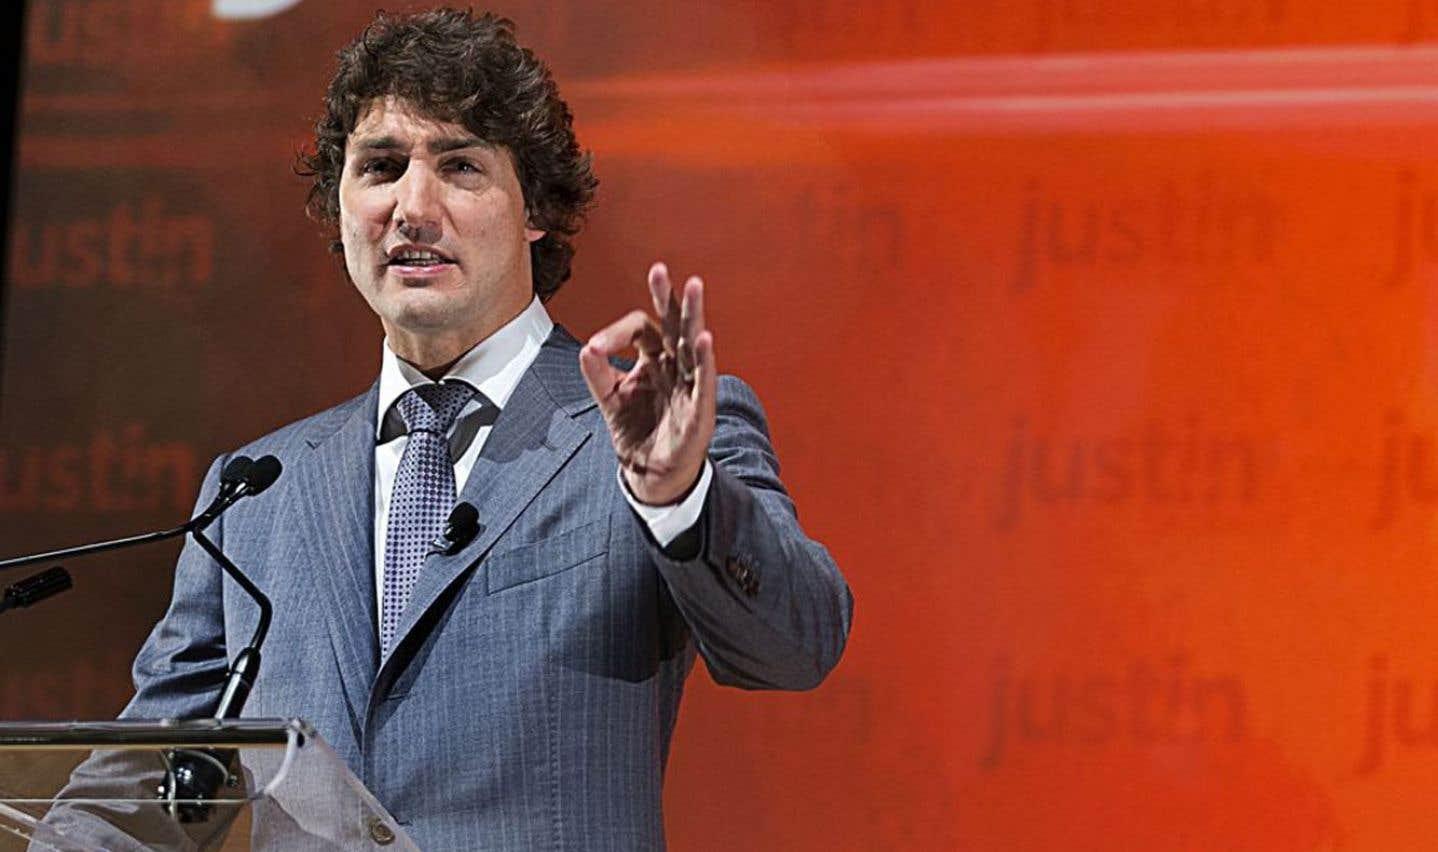 Sondage Léger Marketing-Le Devoir-The Gazette - Trudeau, premier de classe